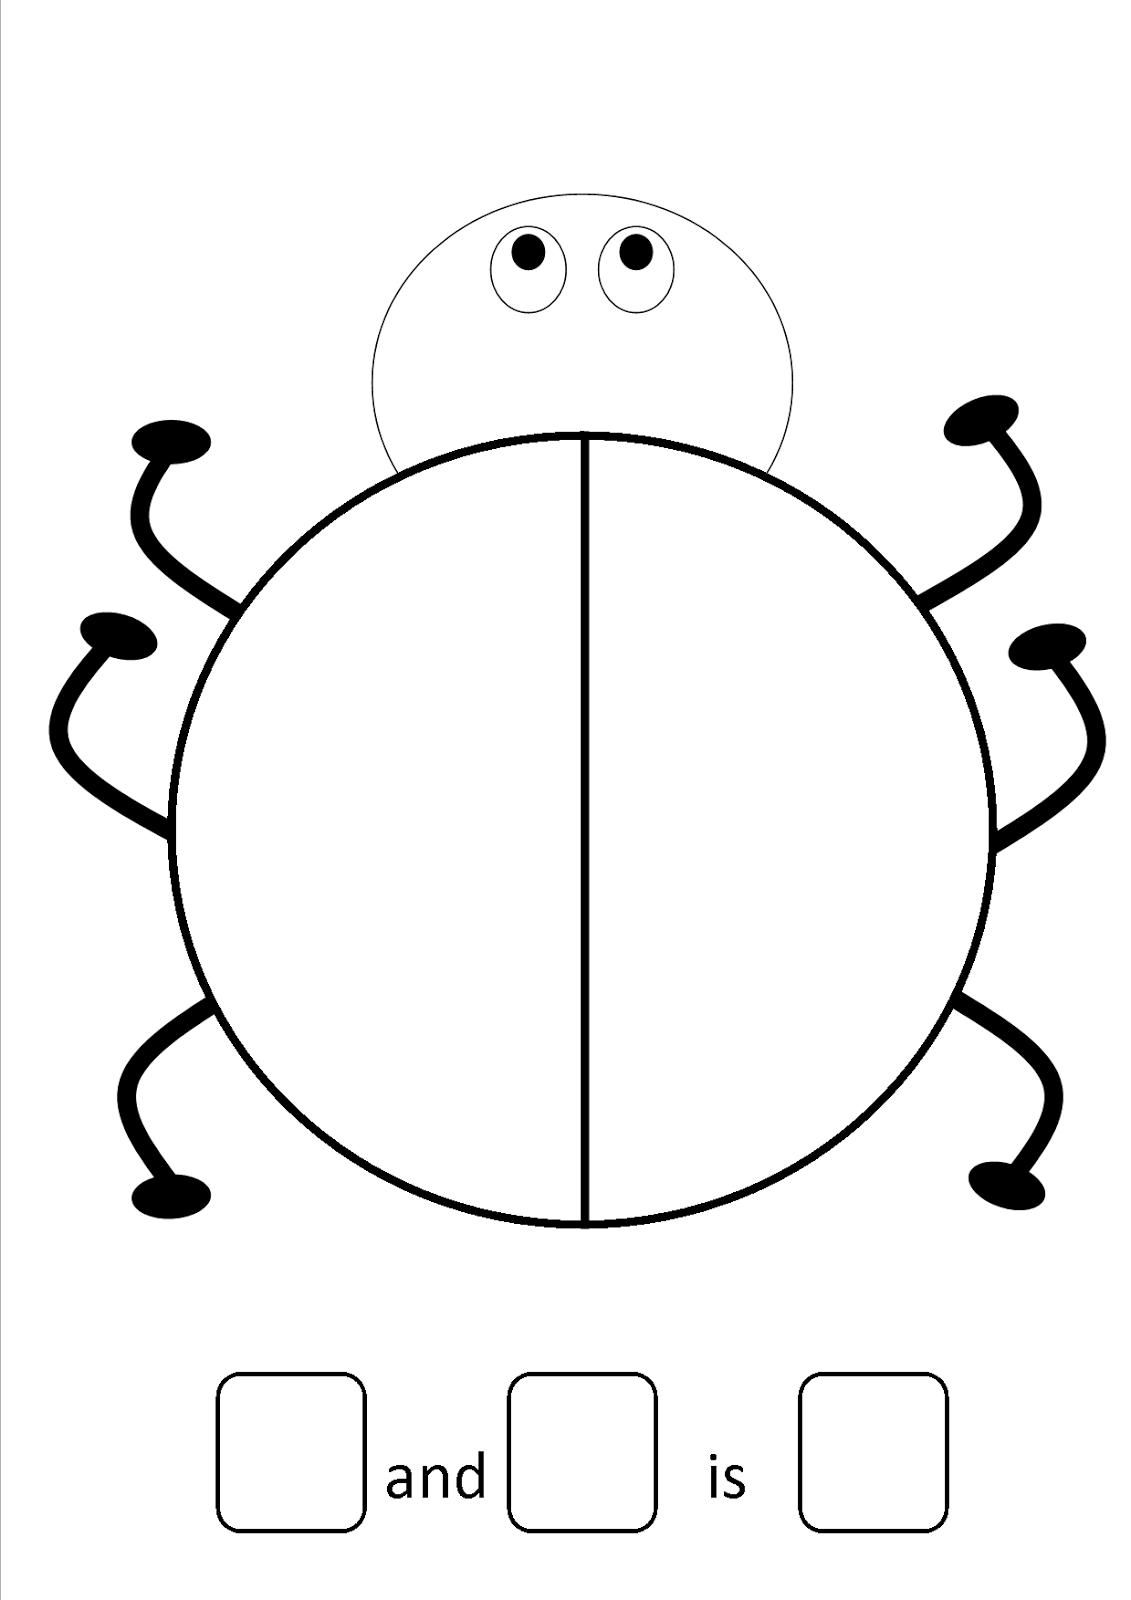 Early Years Fun: Ladybird Maths Fun!